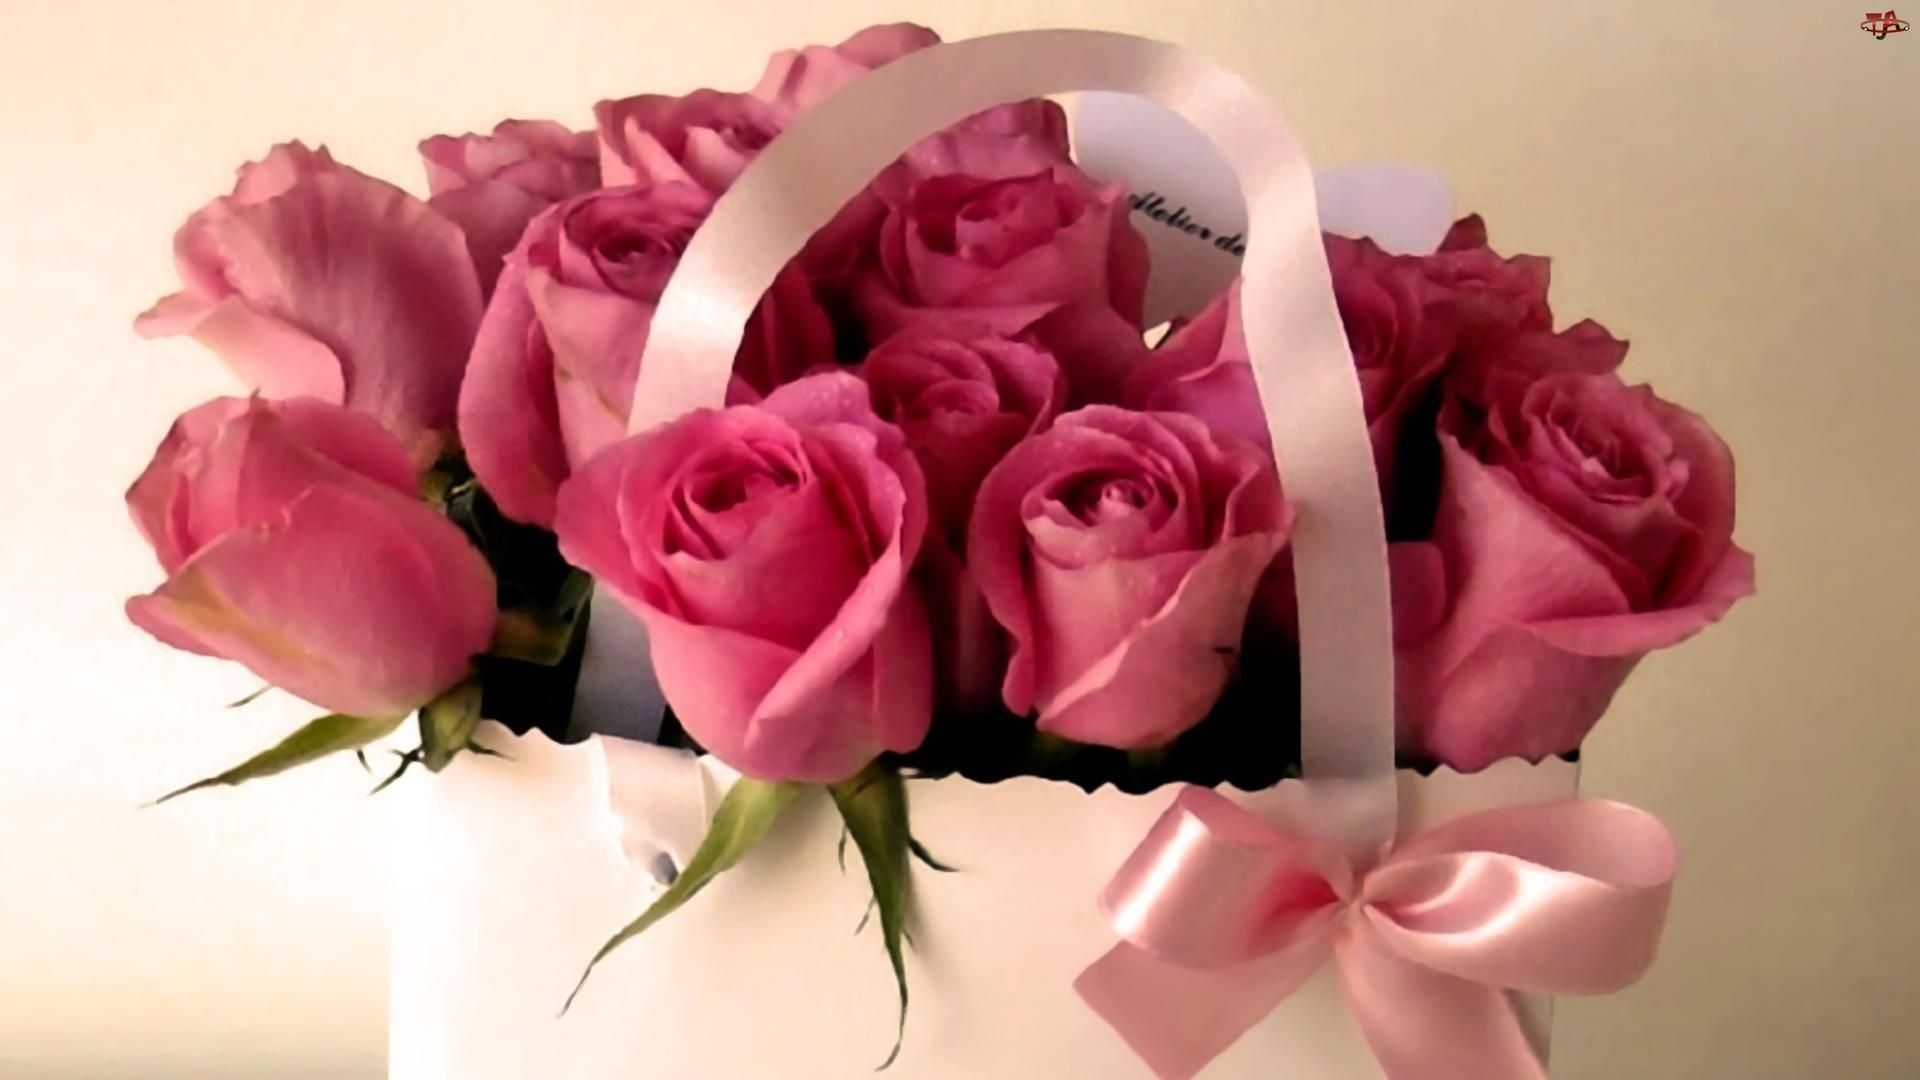 поздравление розе в прозе создать коллаж нескольких